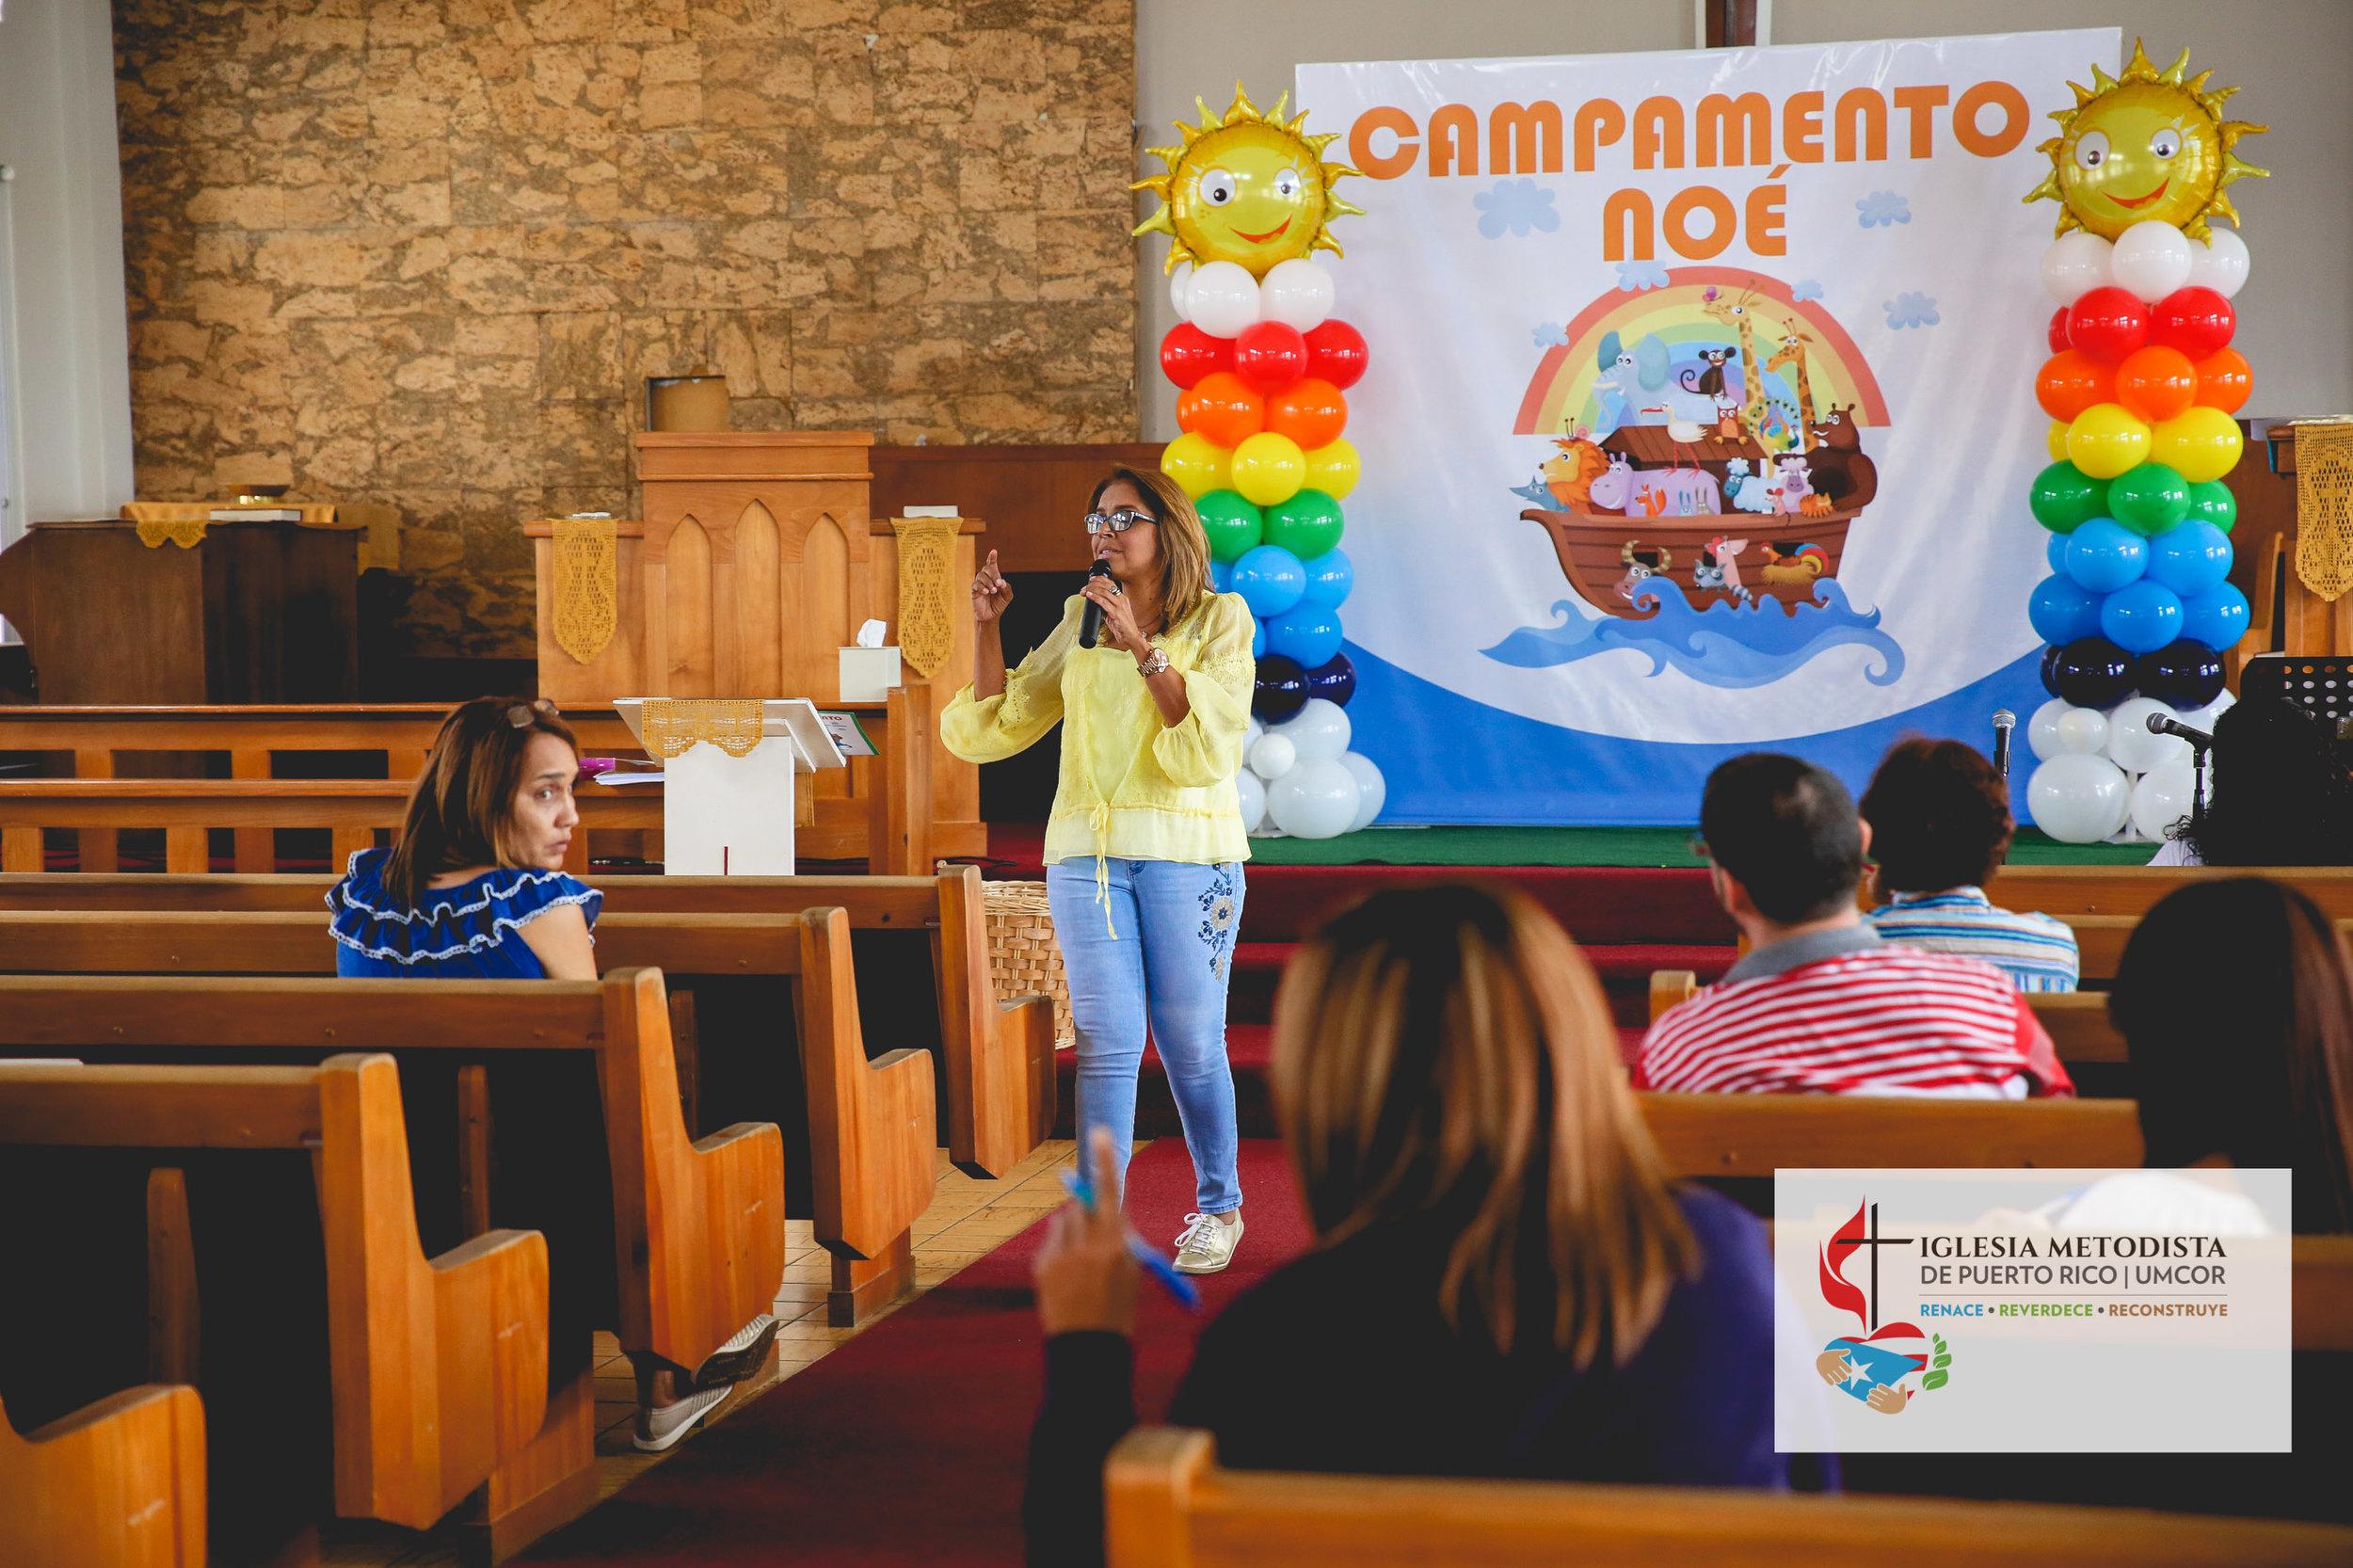 Fotos Taller Lideres_Campamento Noe-ESG56296.JPG